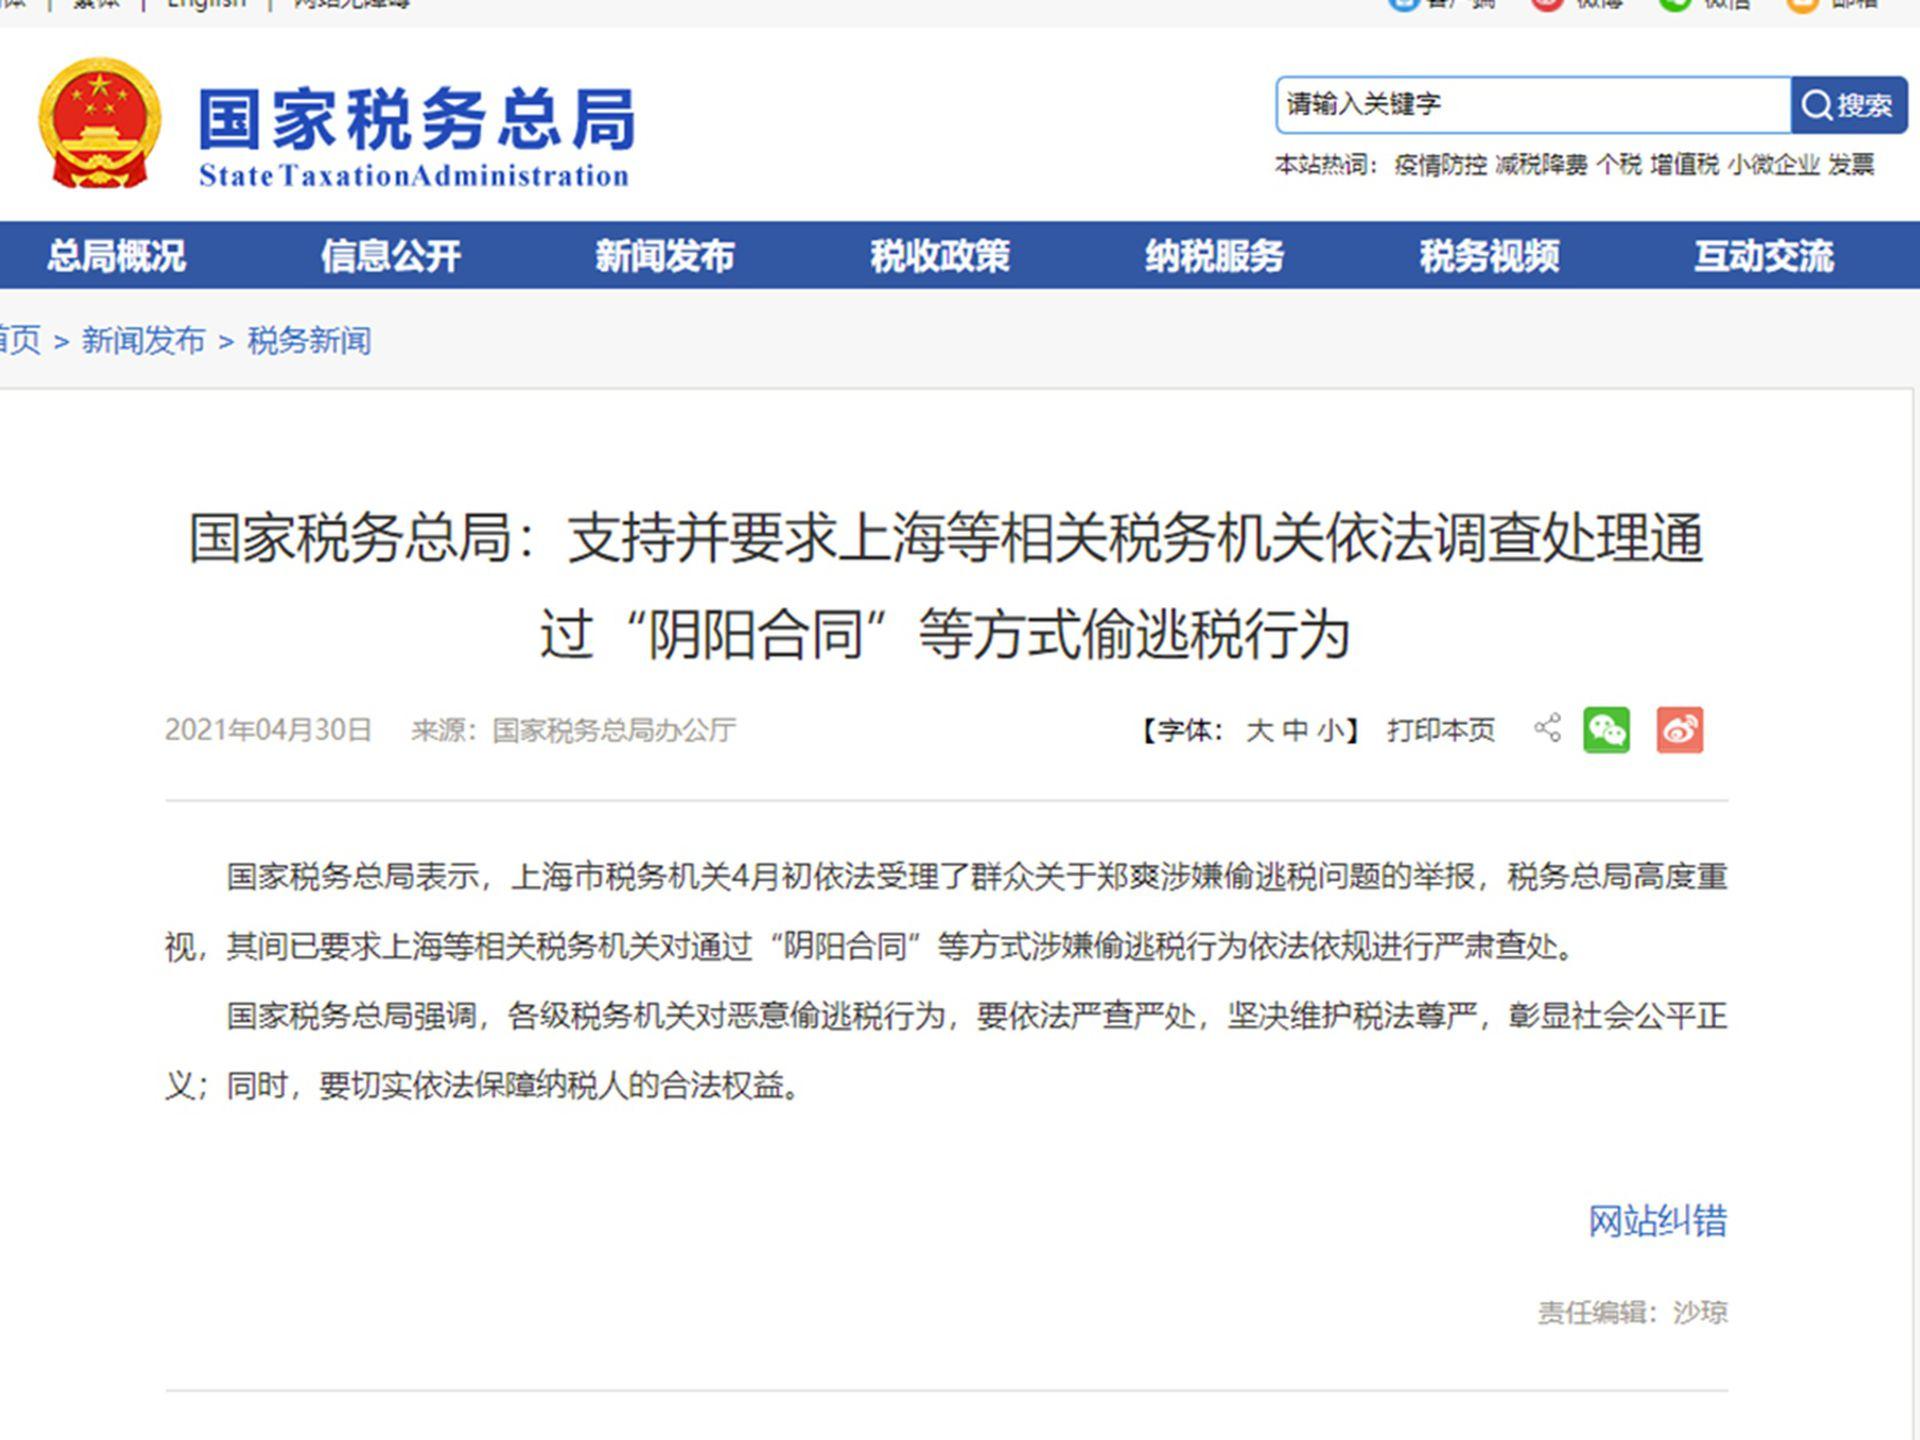 郑爽涉阴阳合同事件持续发酵,中国税务总局下令严查(图)